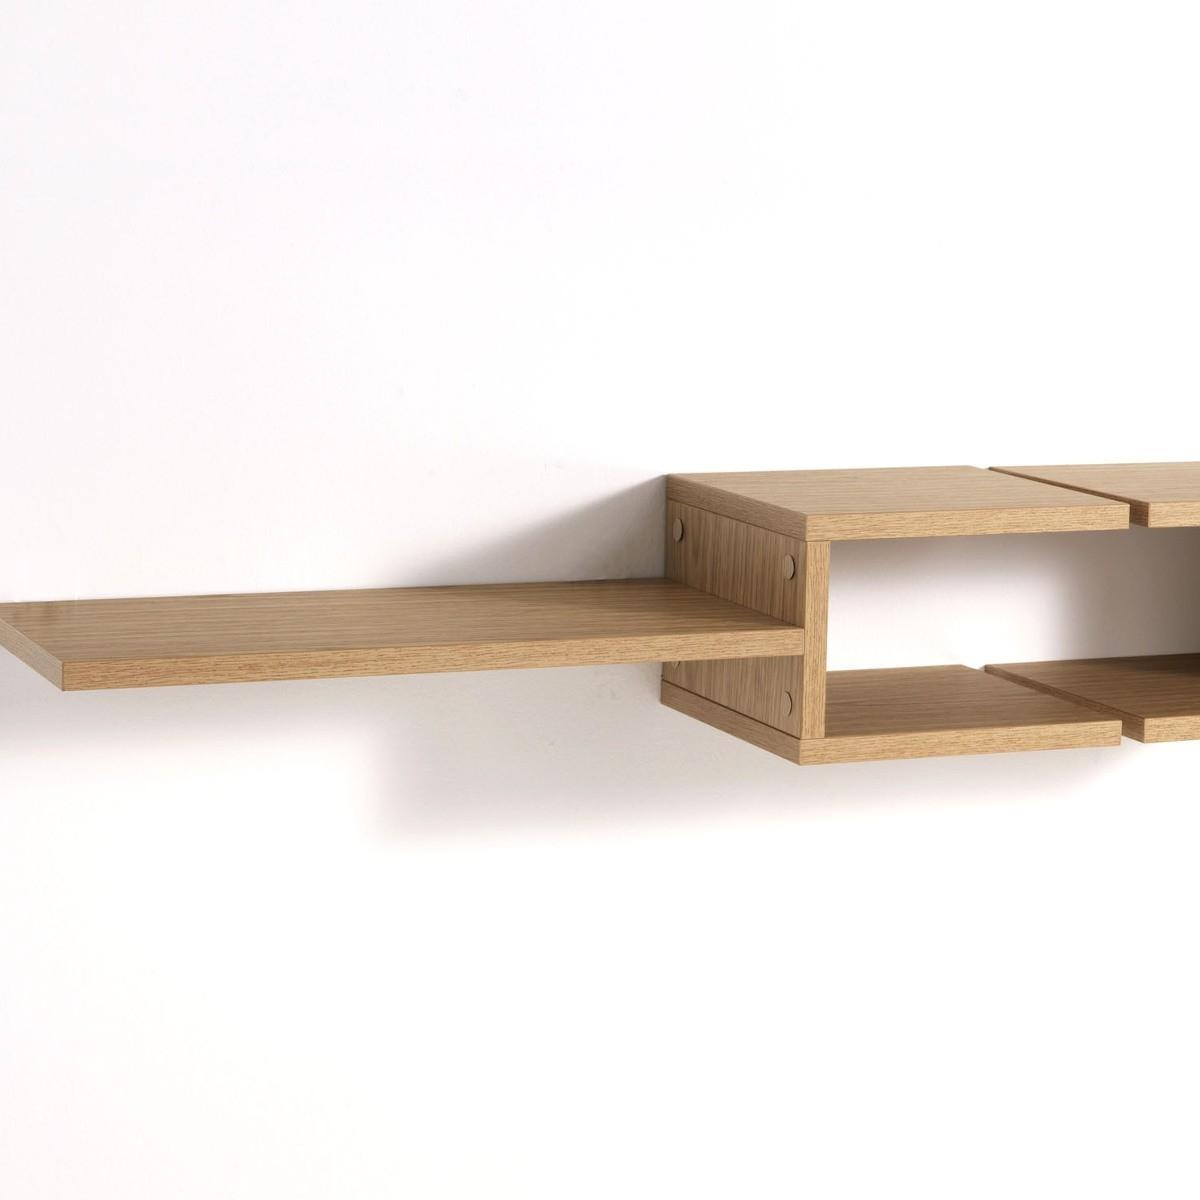 Coppia mensole design DiapasonL in legno rovere 75 cm